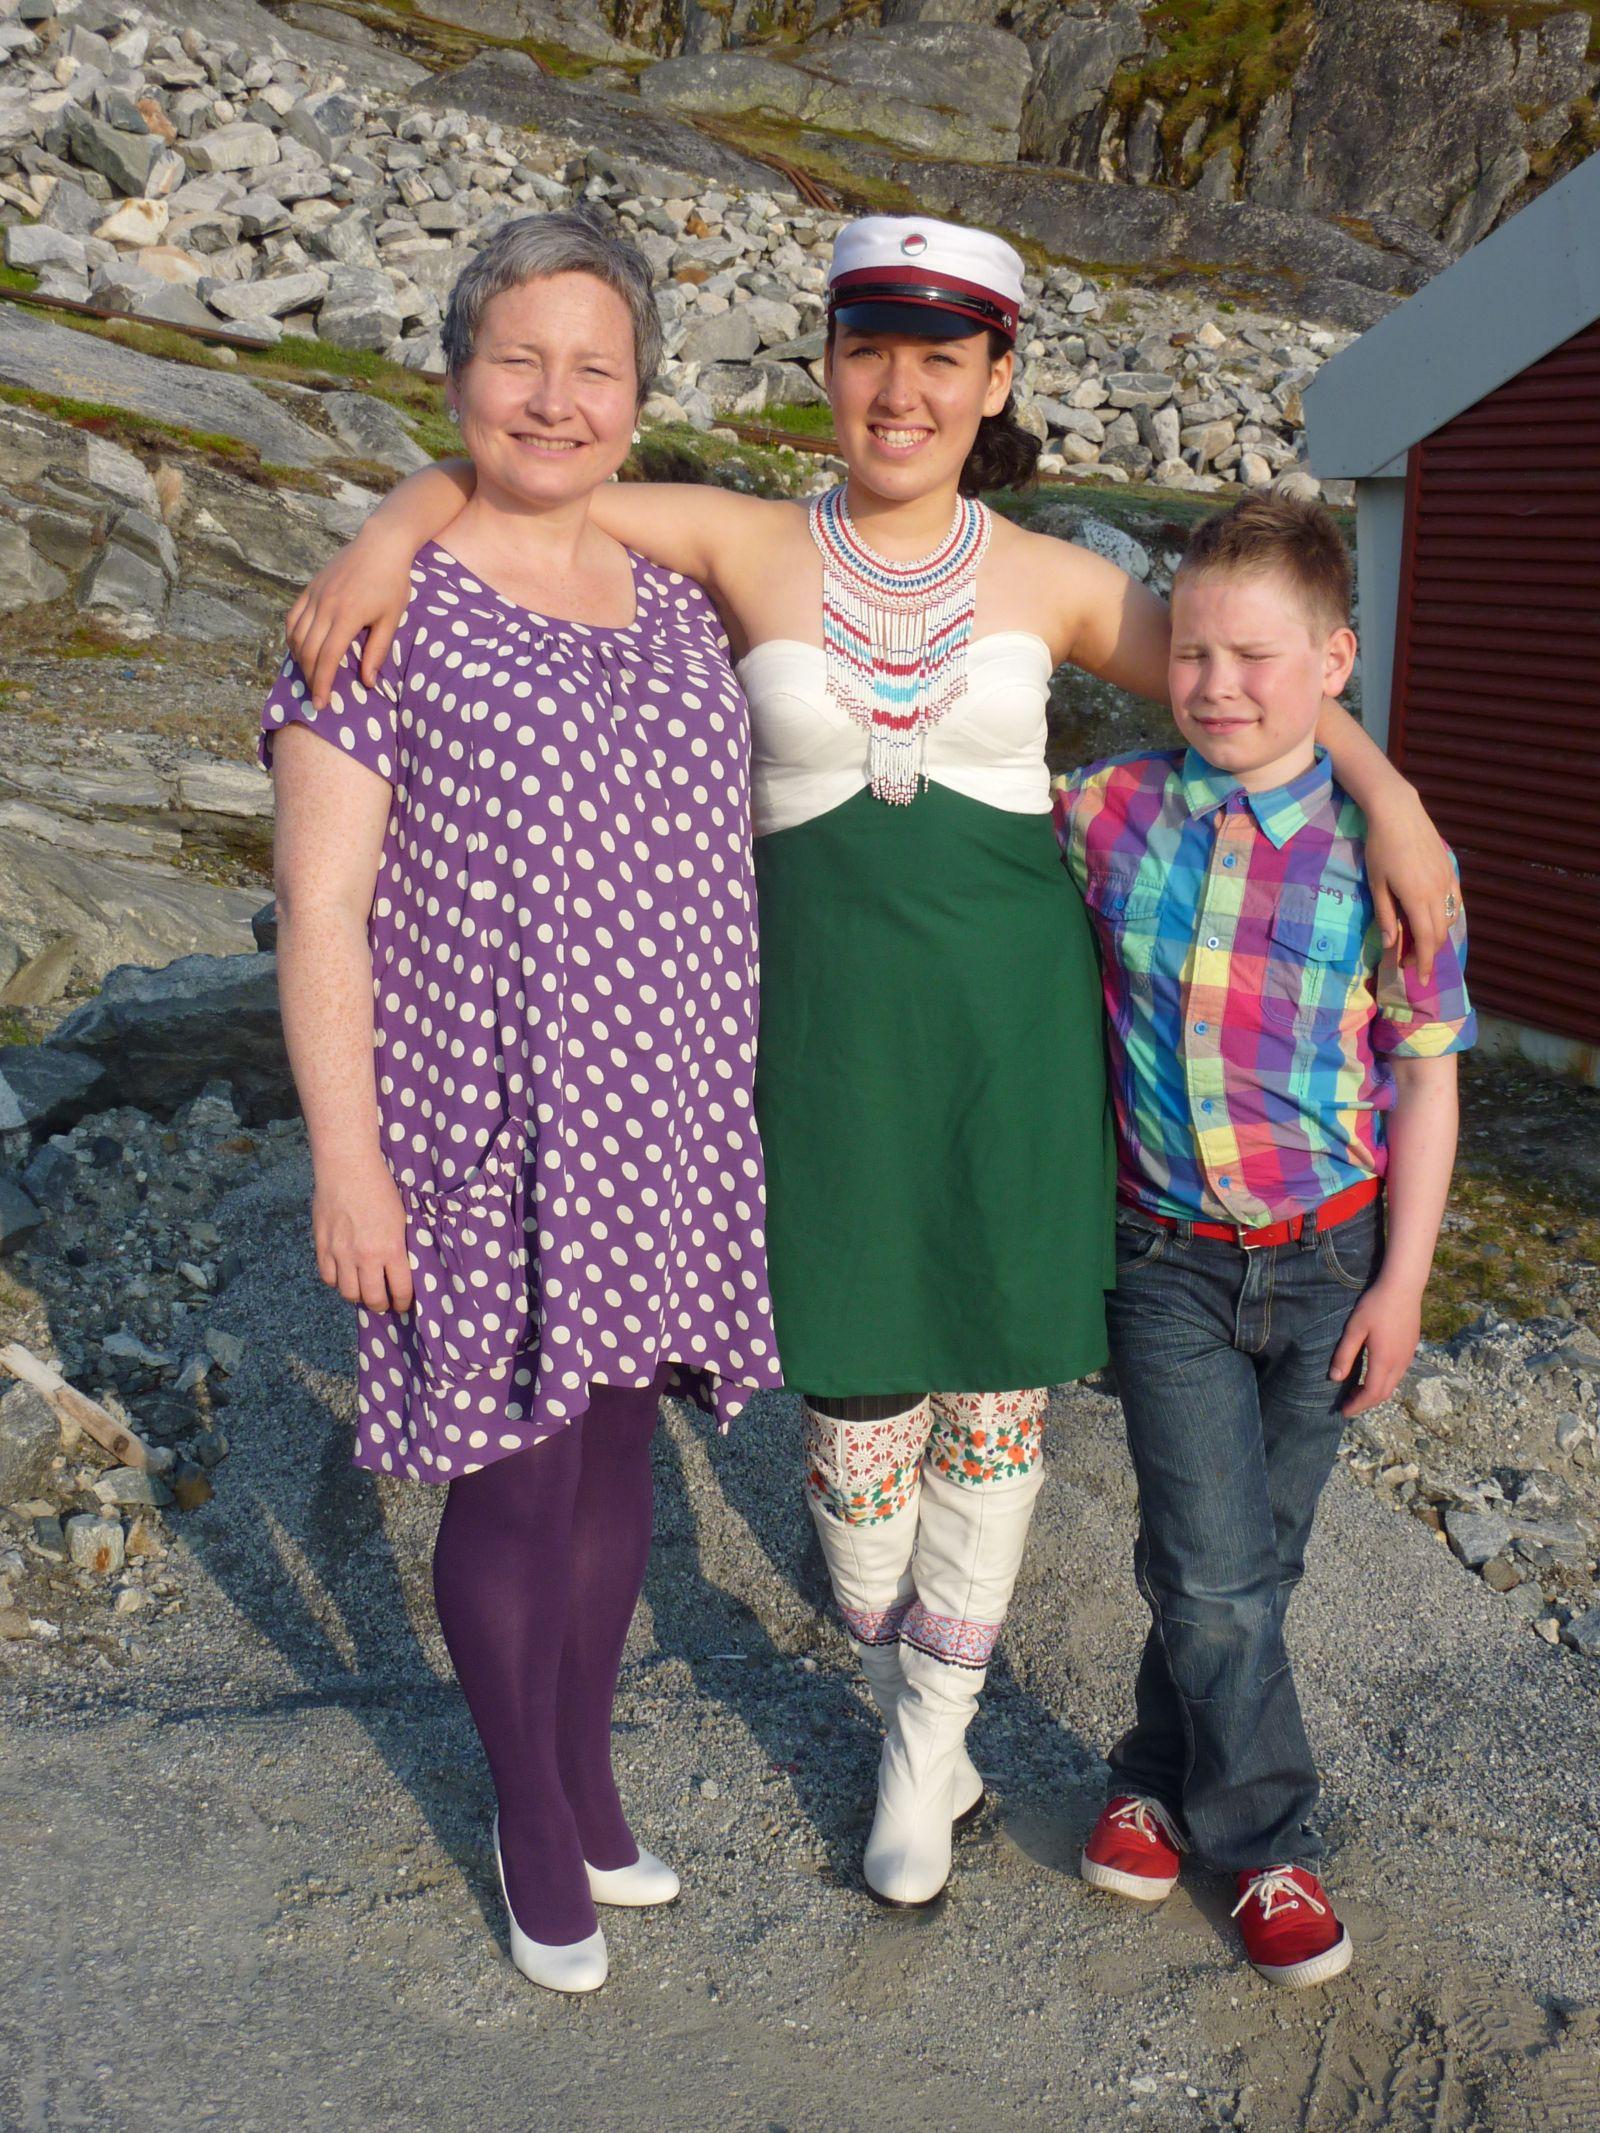 Dimissionsfest i Nuuk Mette Labansen, Ivalo Lynge Labansen og Rumle Labansen